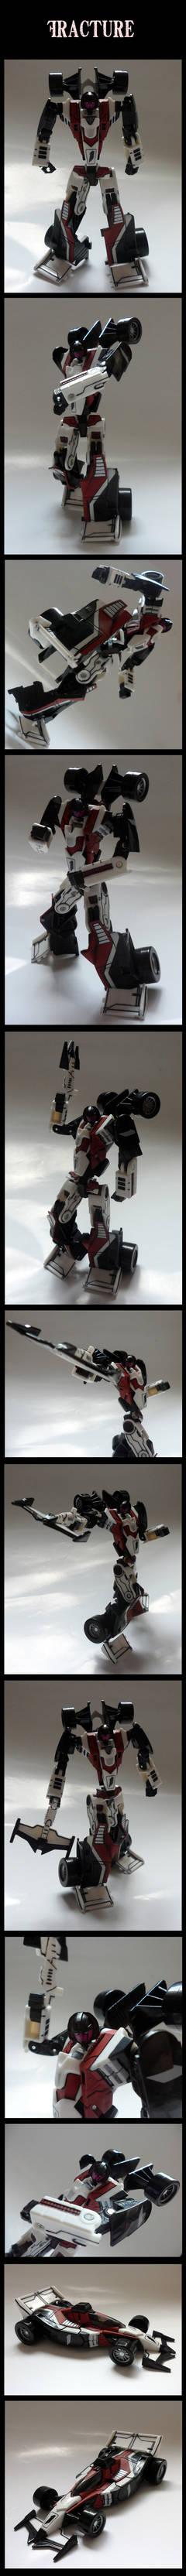 transformers - premium fracture